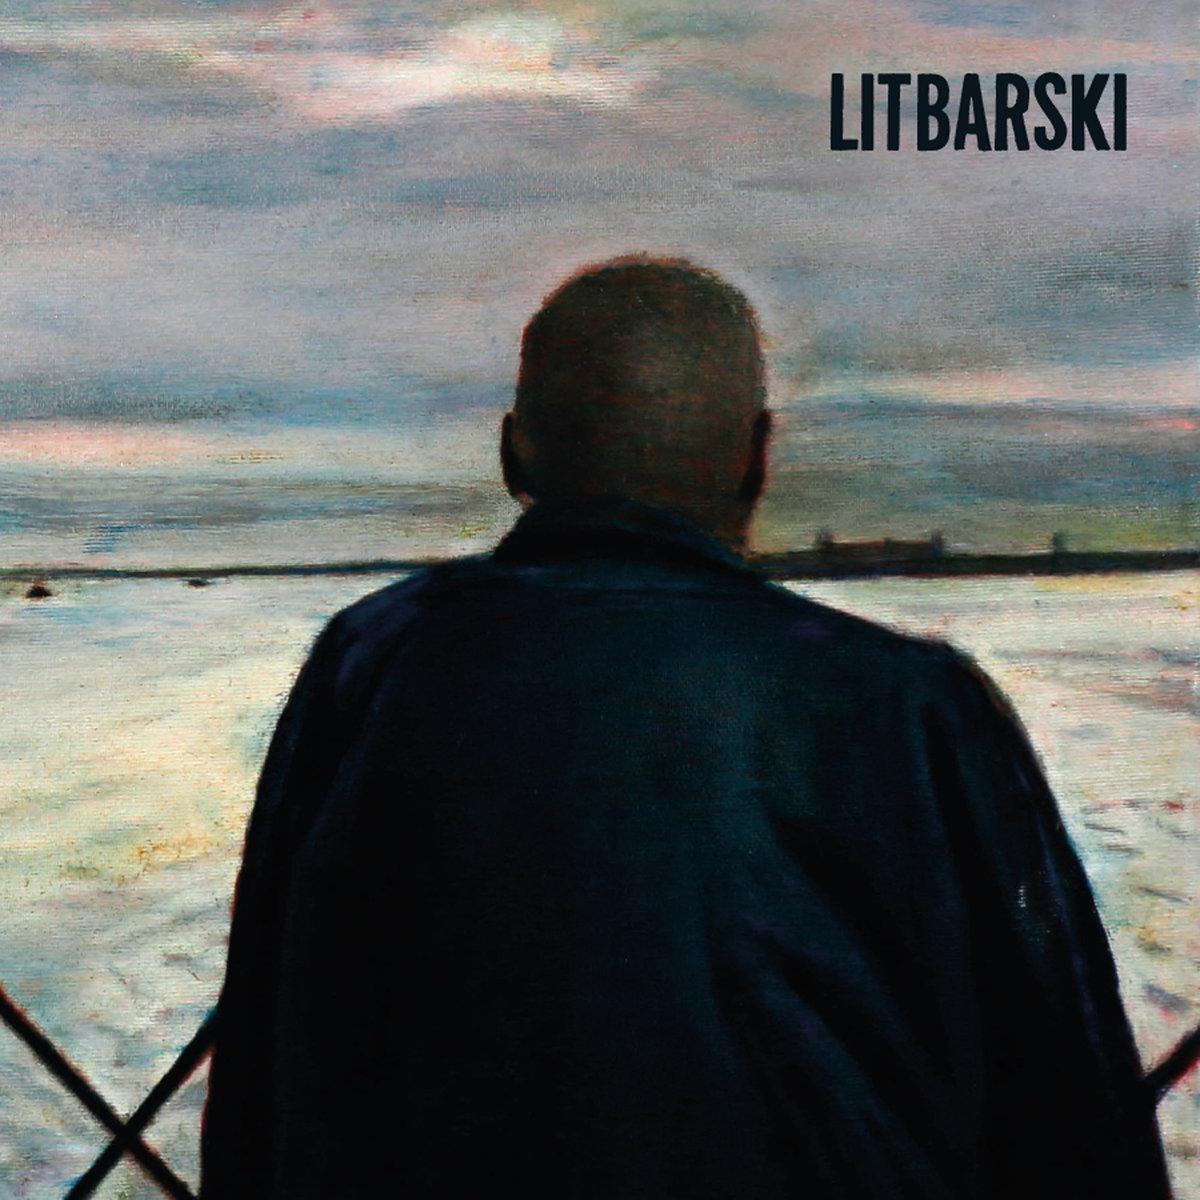 litbarski